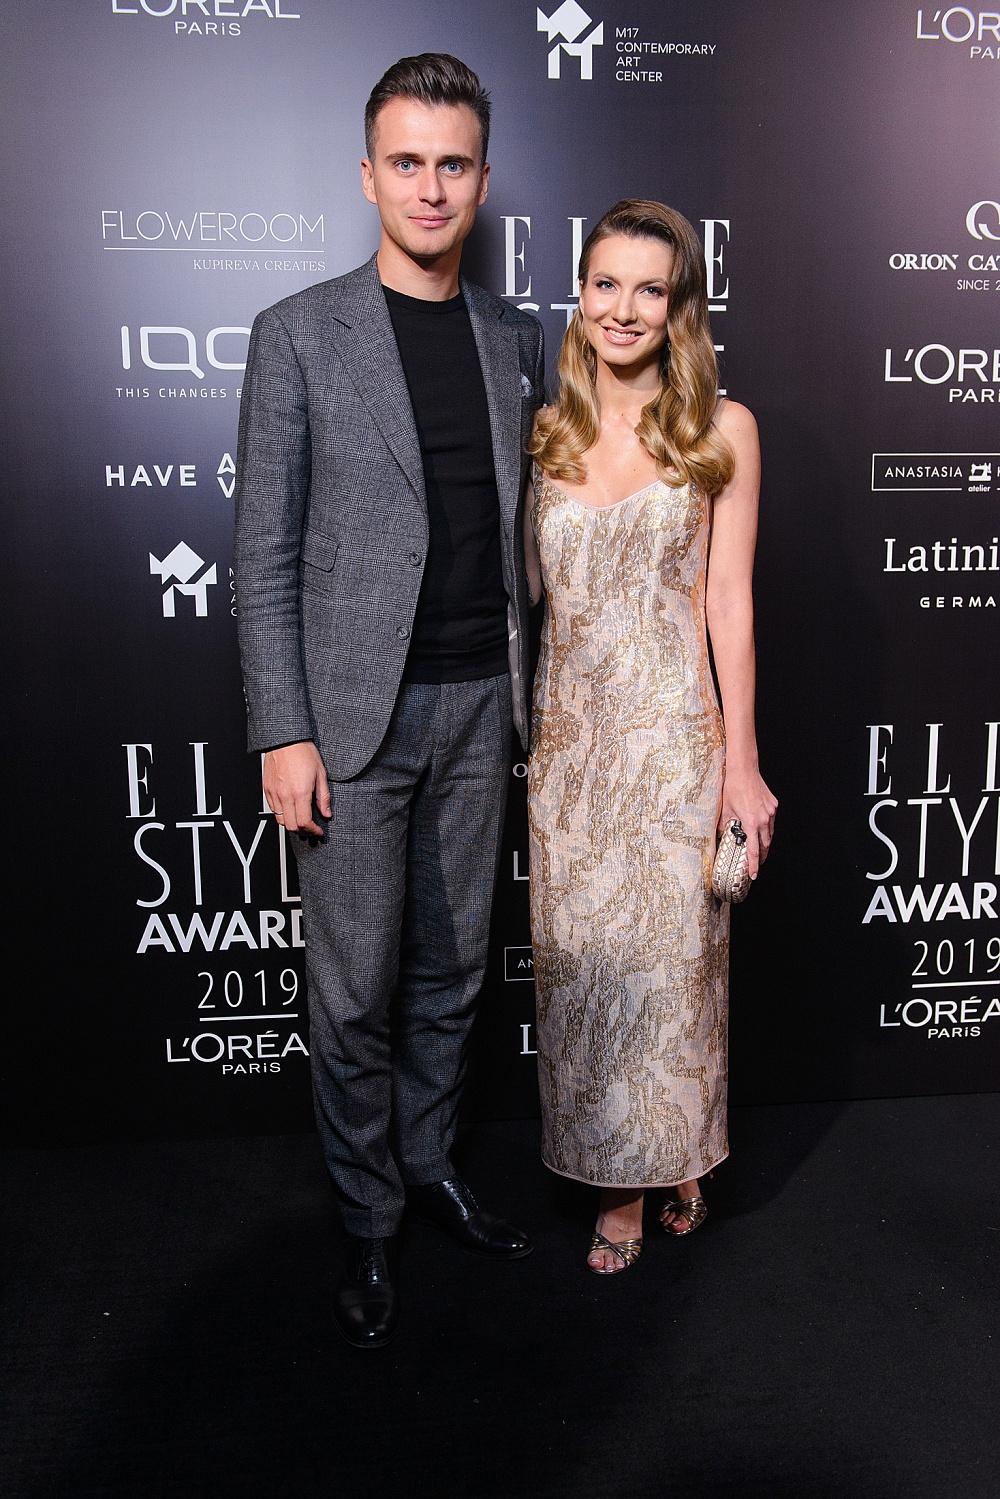 Александр Скичко и Елизавета Юрушева на ELLE STYLE AWARDS 2019